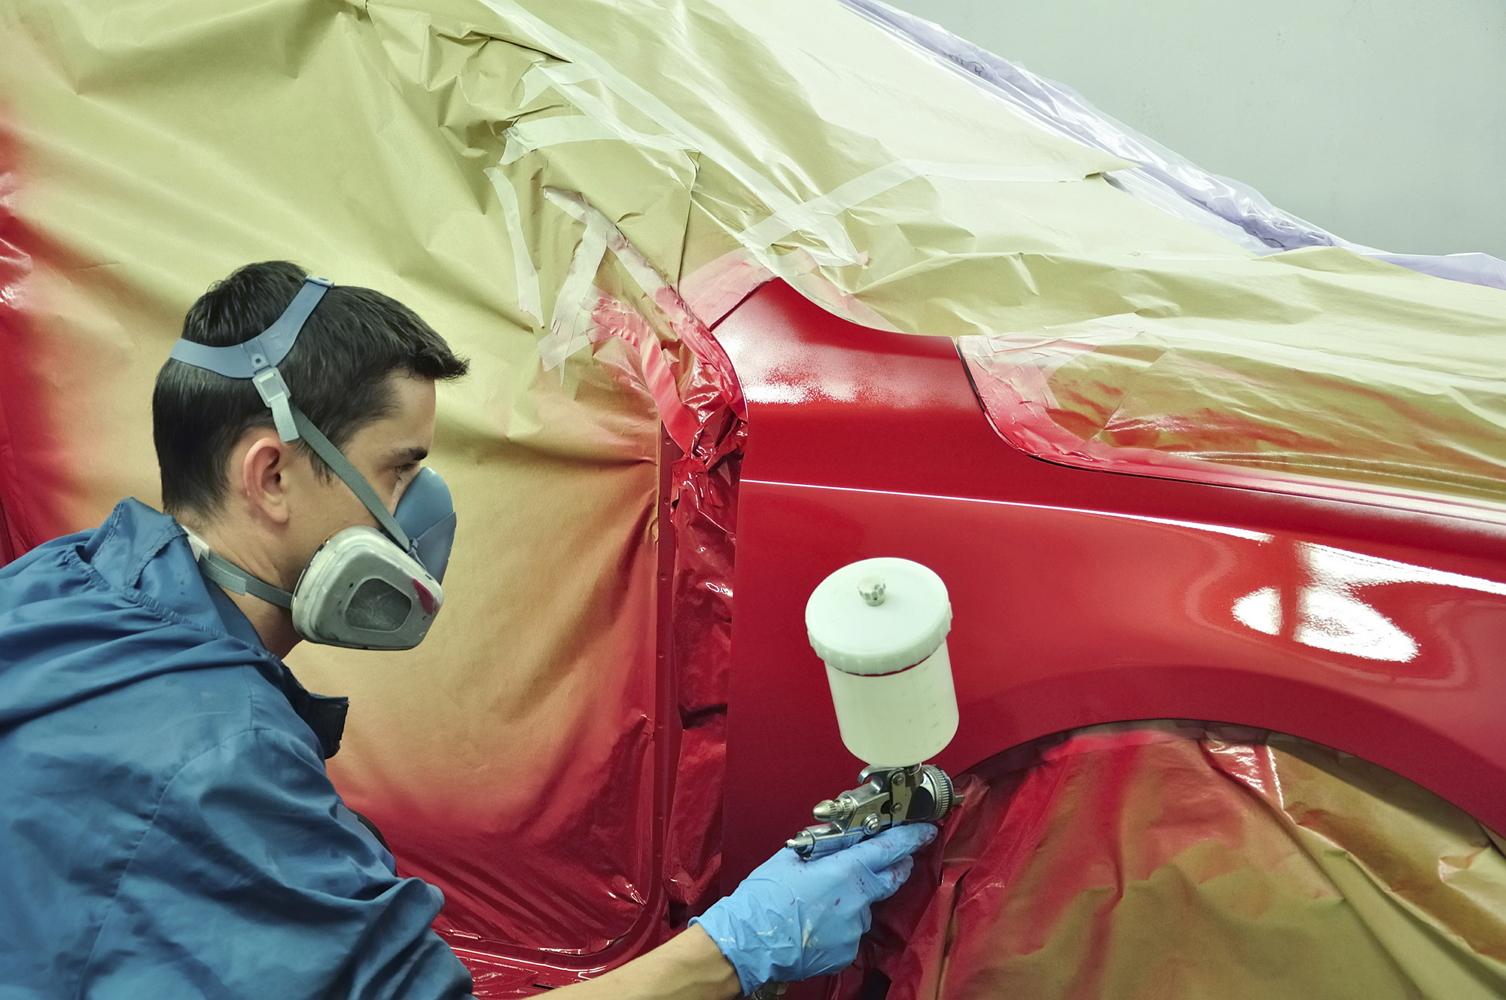 Oto Yedek Parça Araba Tamiri Araba Bakımı Her Işin Ustası